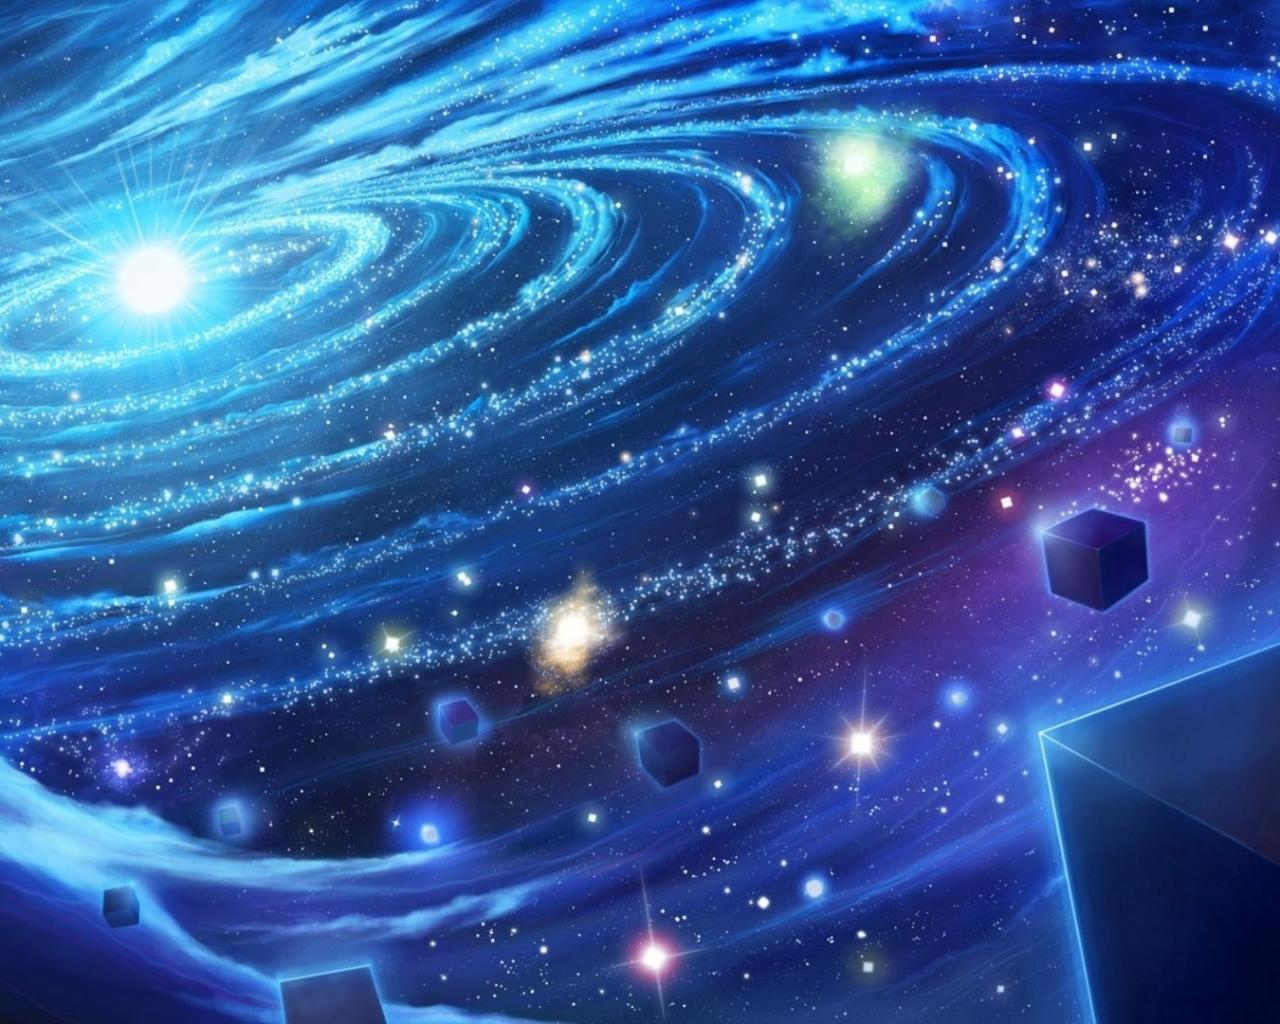 Обои космос космос синь красиво 1280x1024